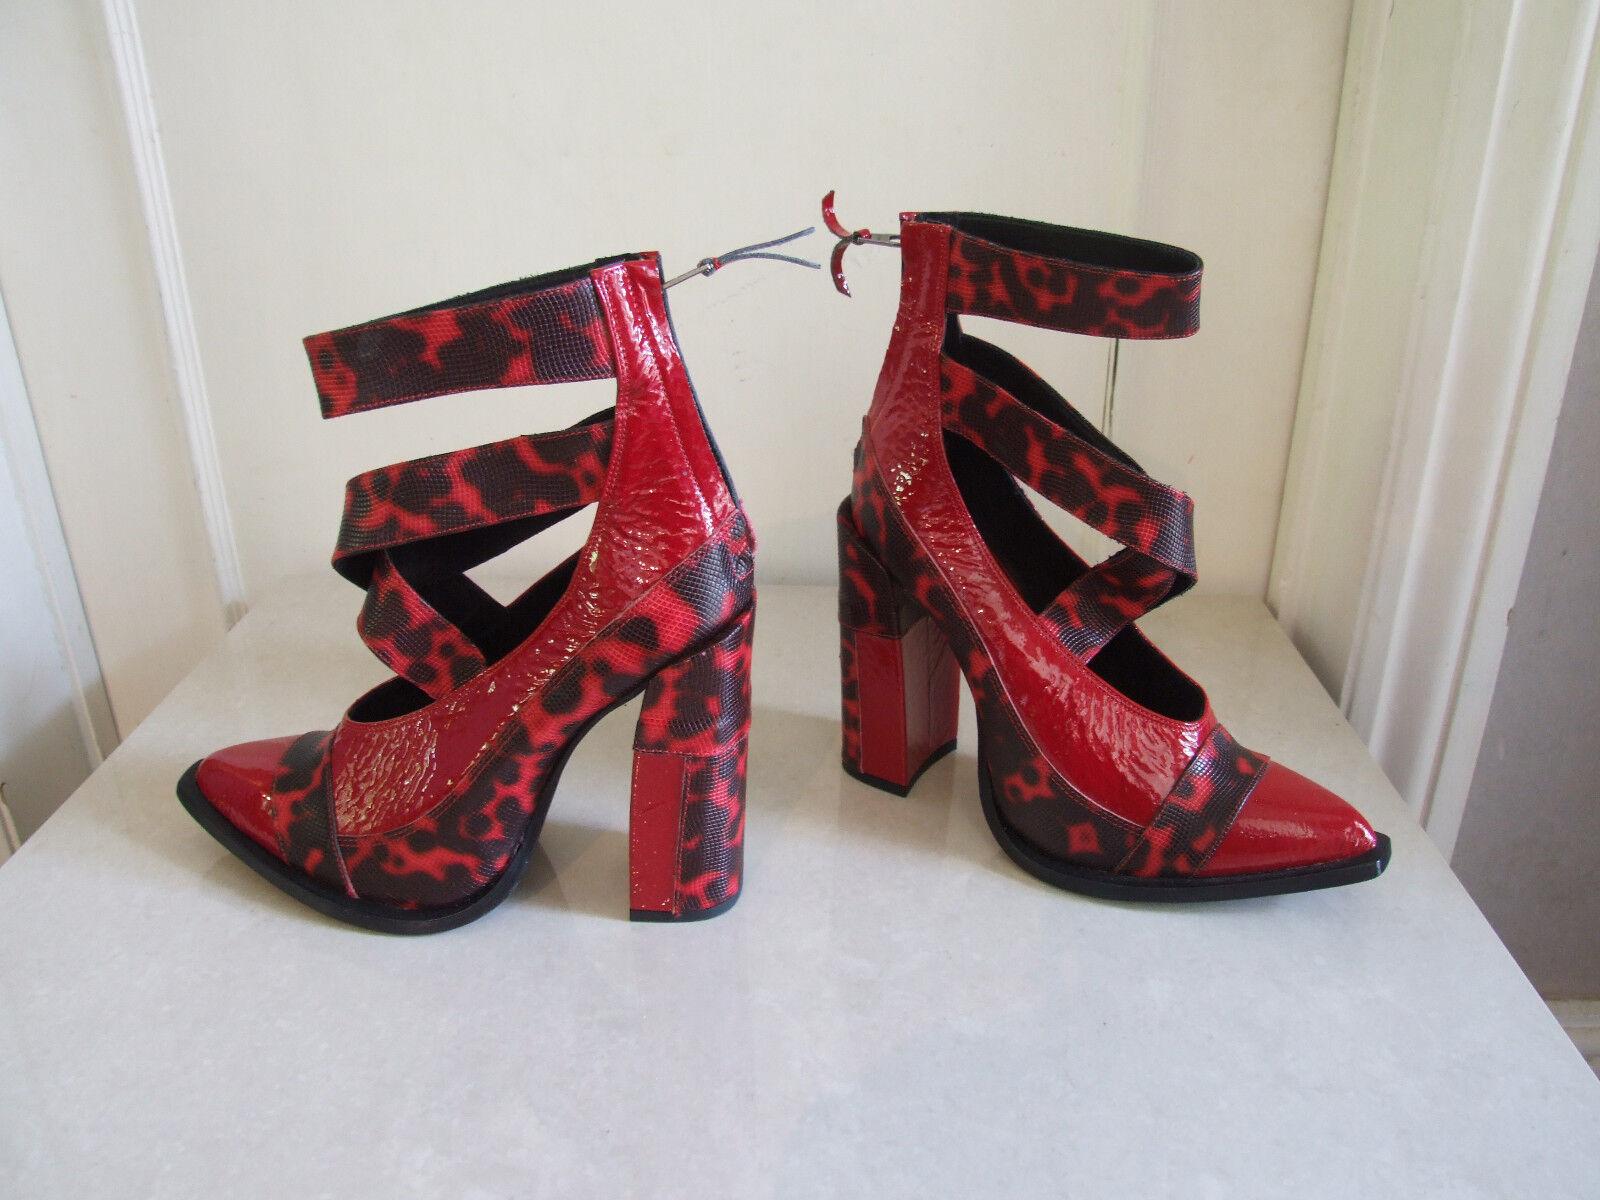 essere molto richiesto Exquisite rosso Pelle Di Serpente Plateau Zeppa Fiammeggiante Scarpe Scarpe Scarpe Sandali EU 40 NUOVI  colorways incredibili